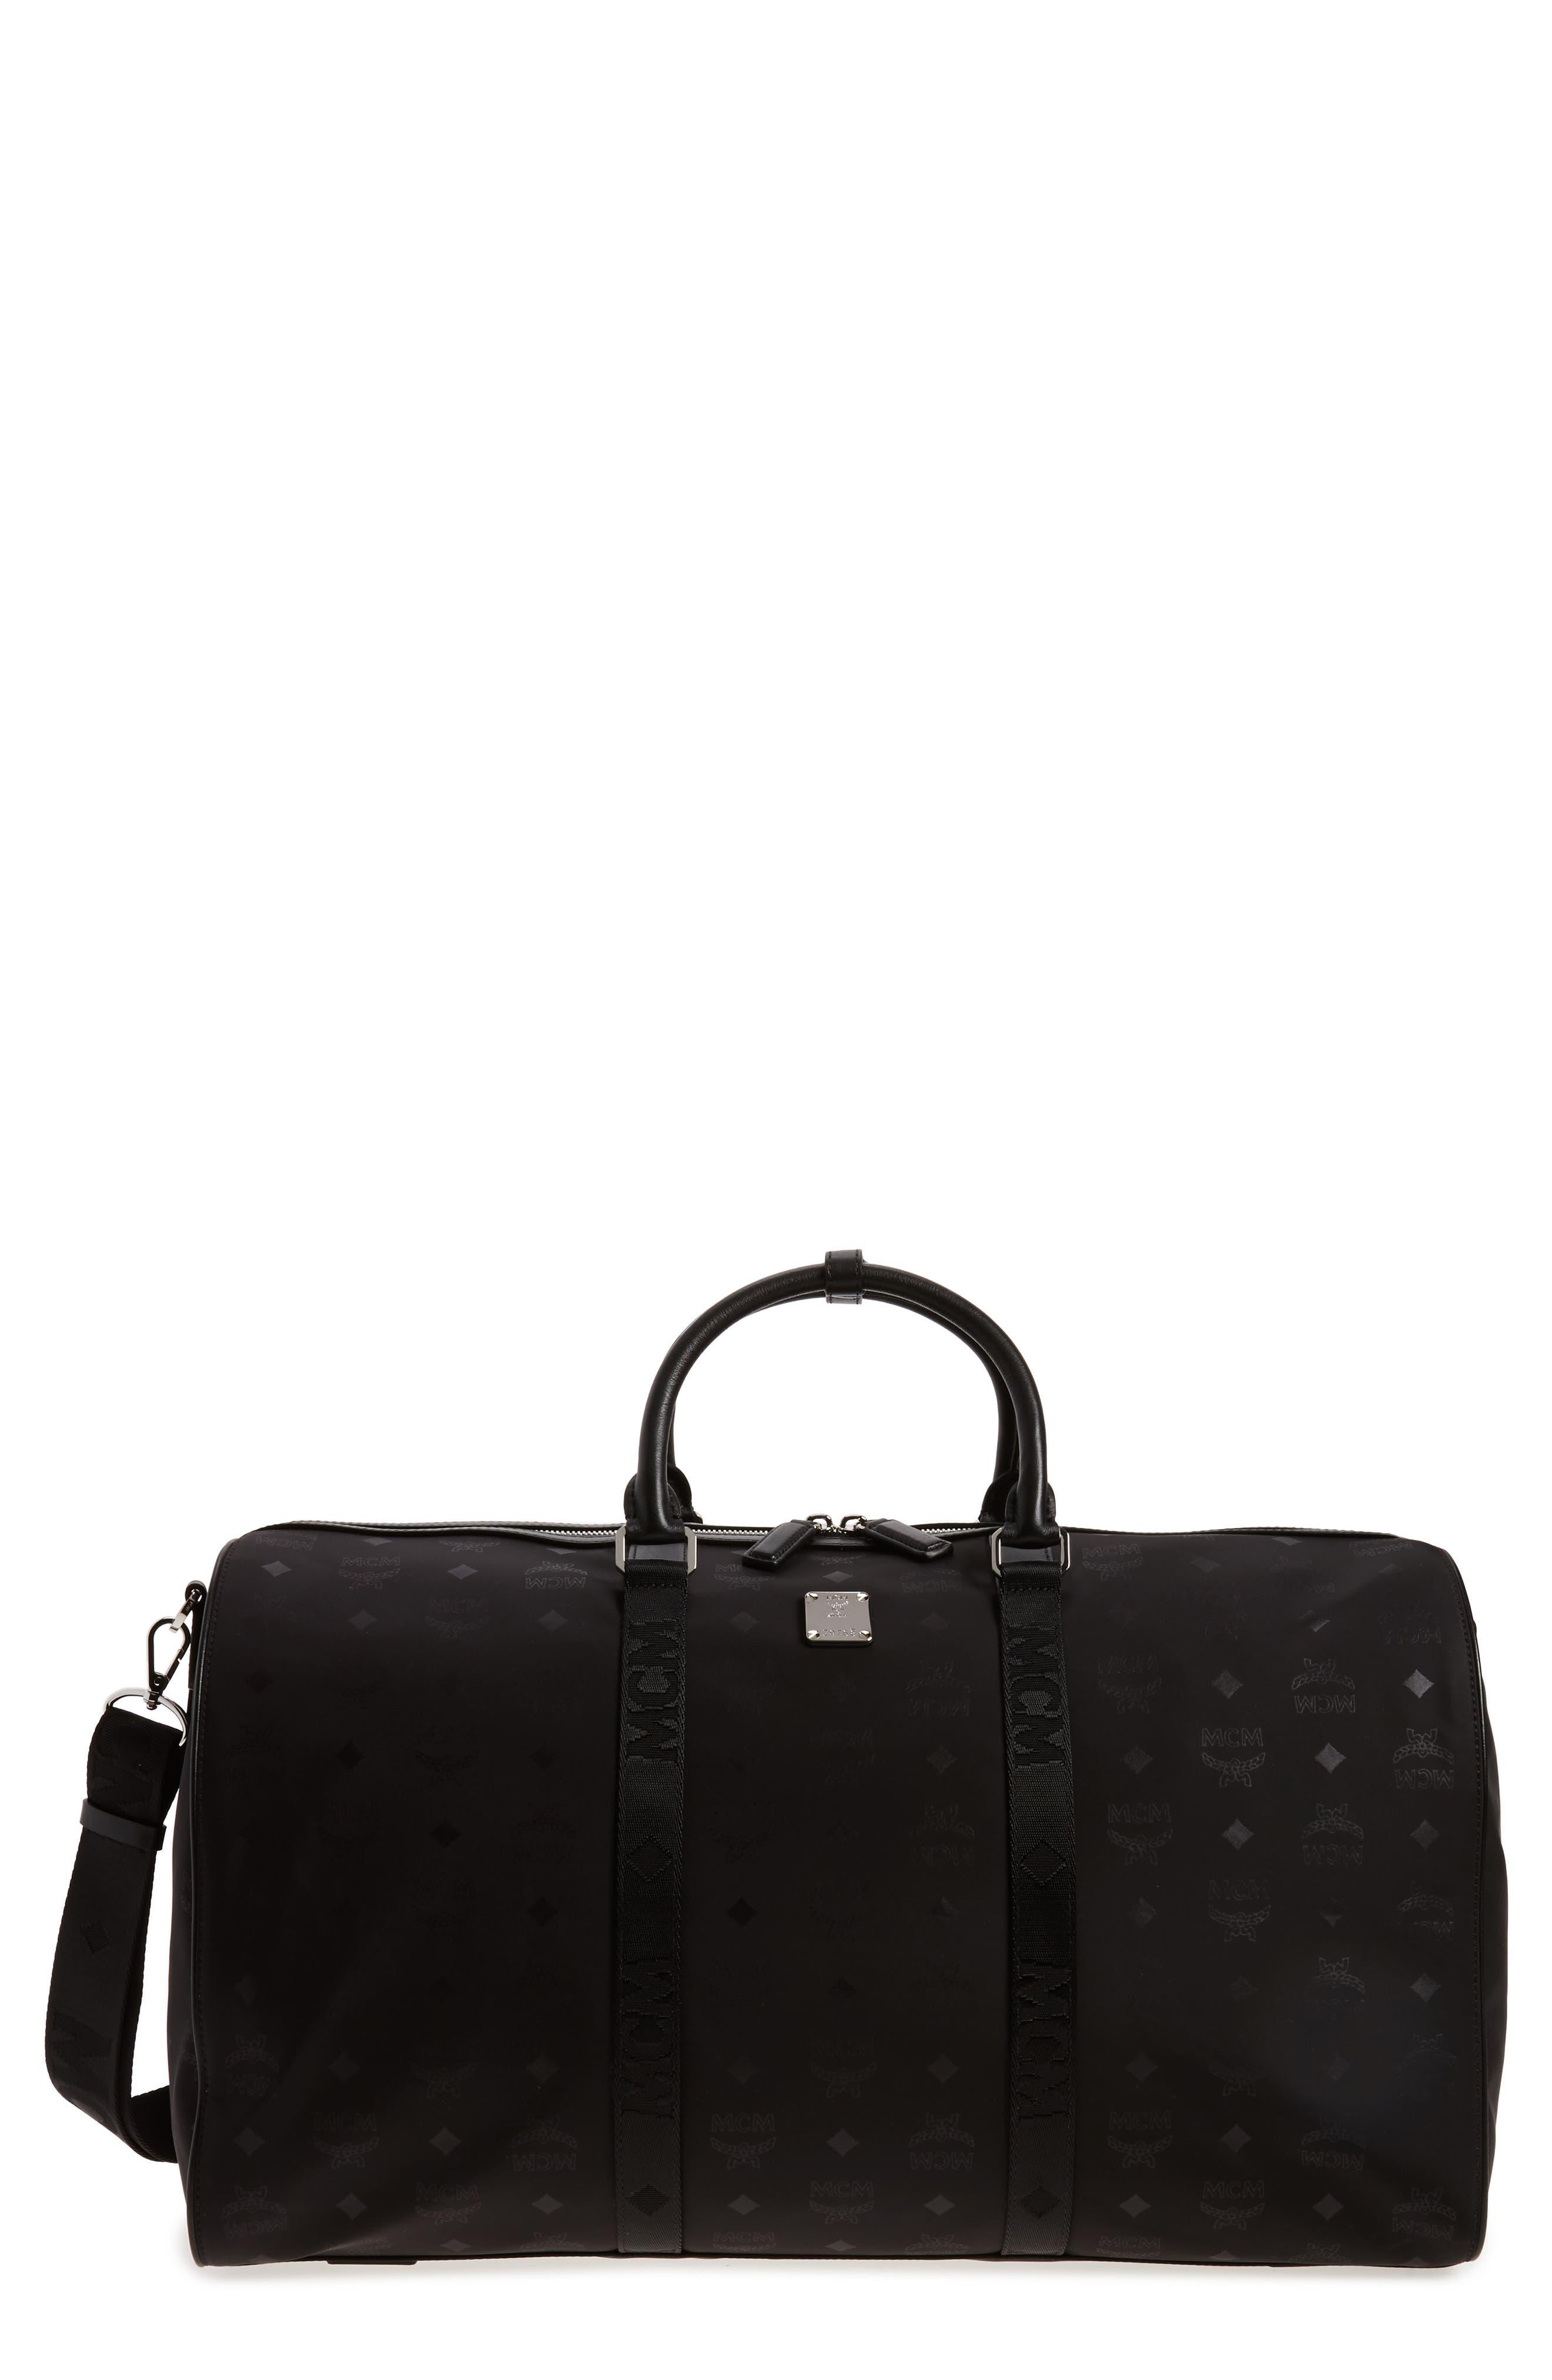 Alternate Image 1 Selected - MCM Logo Nylon Duffel Bag